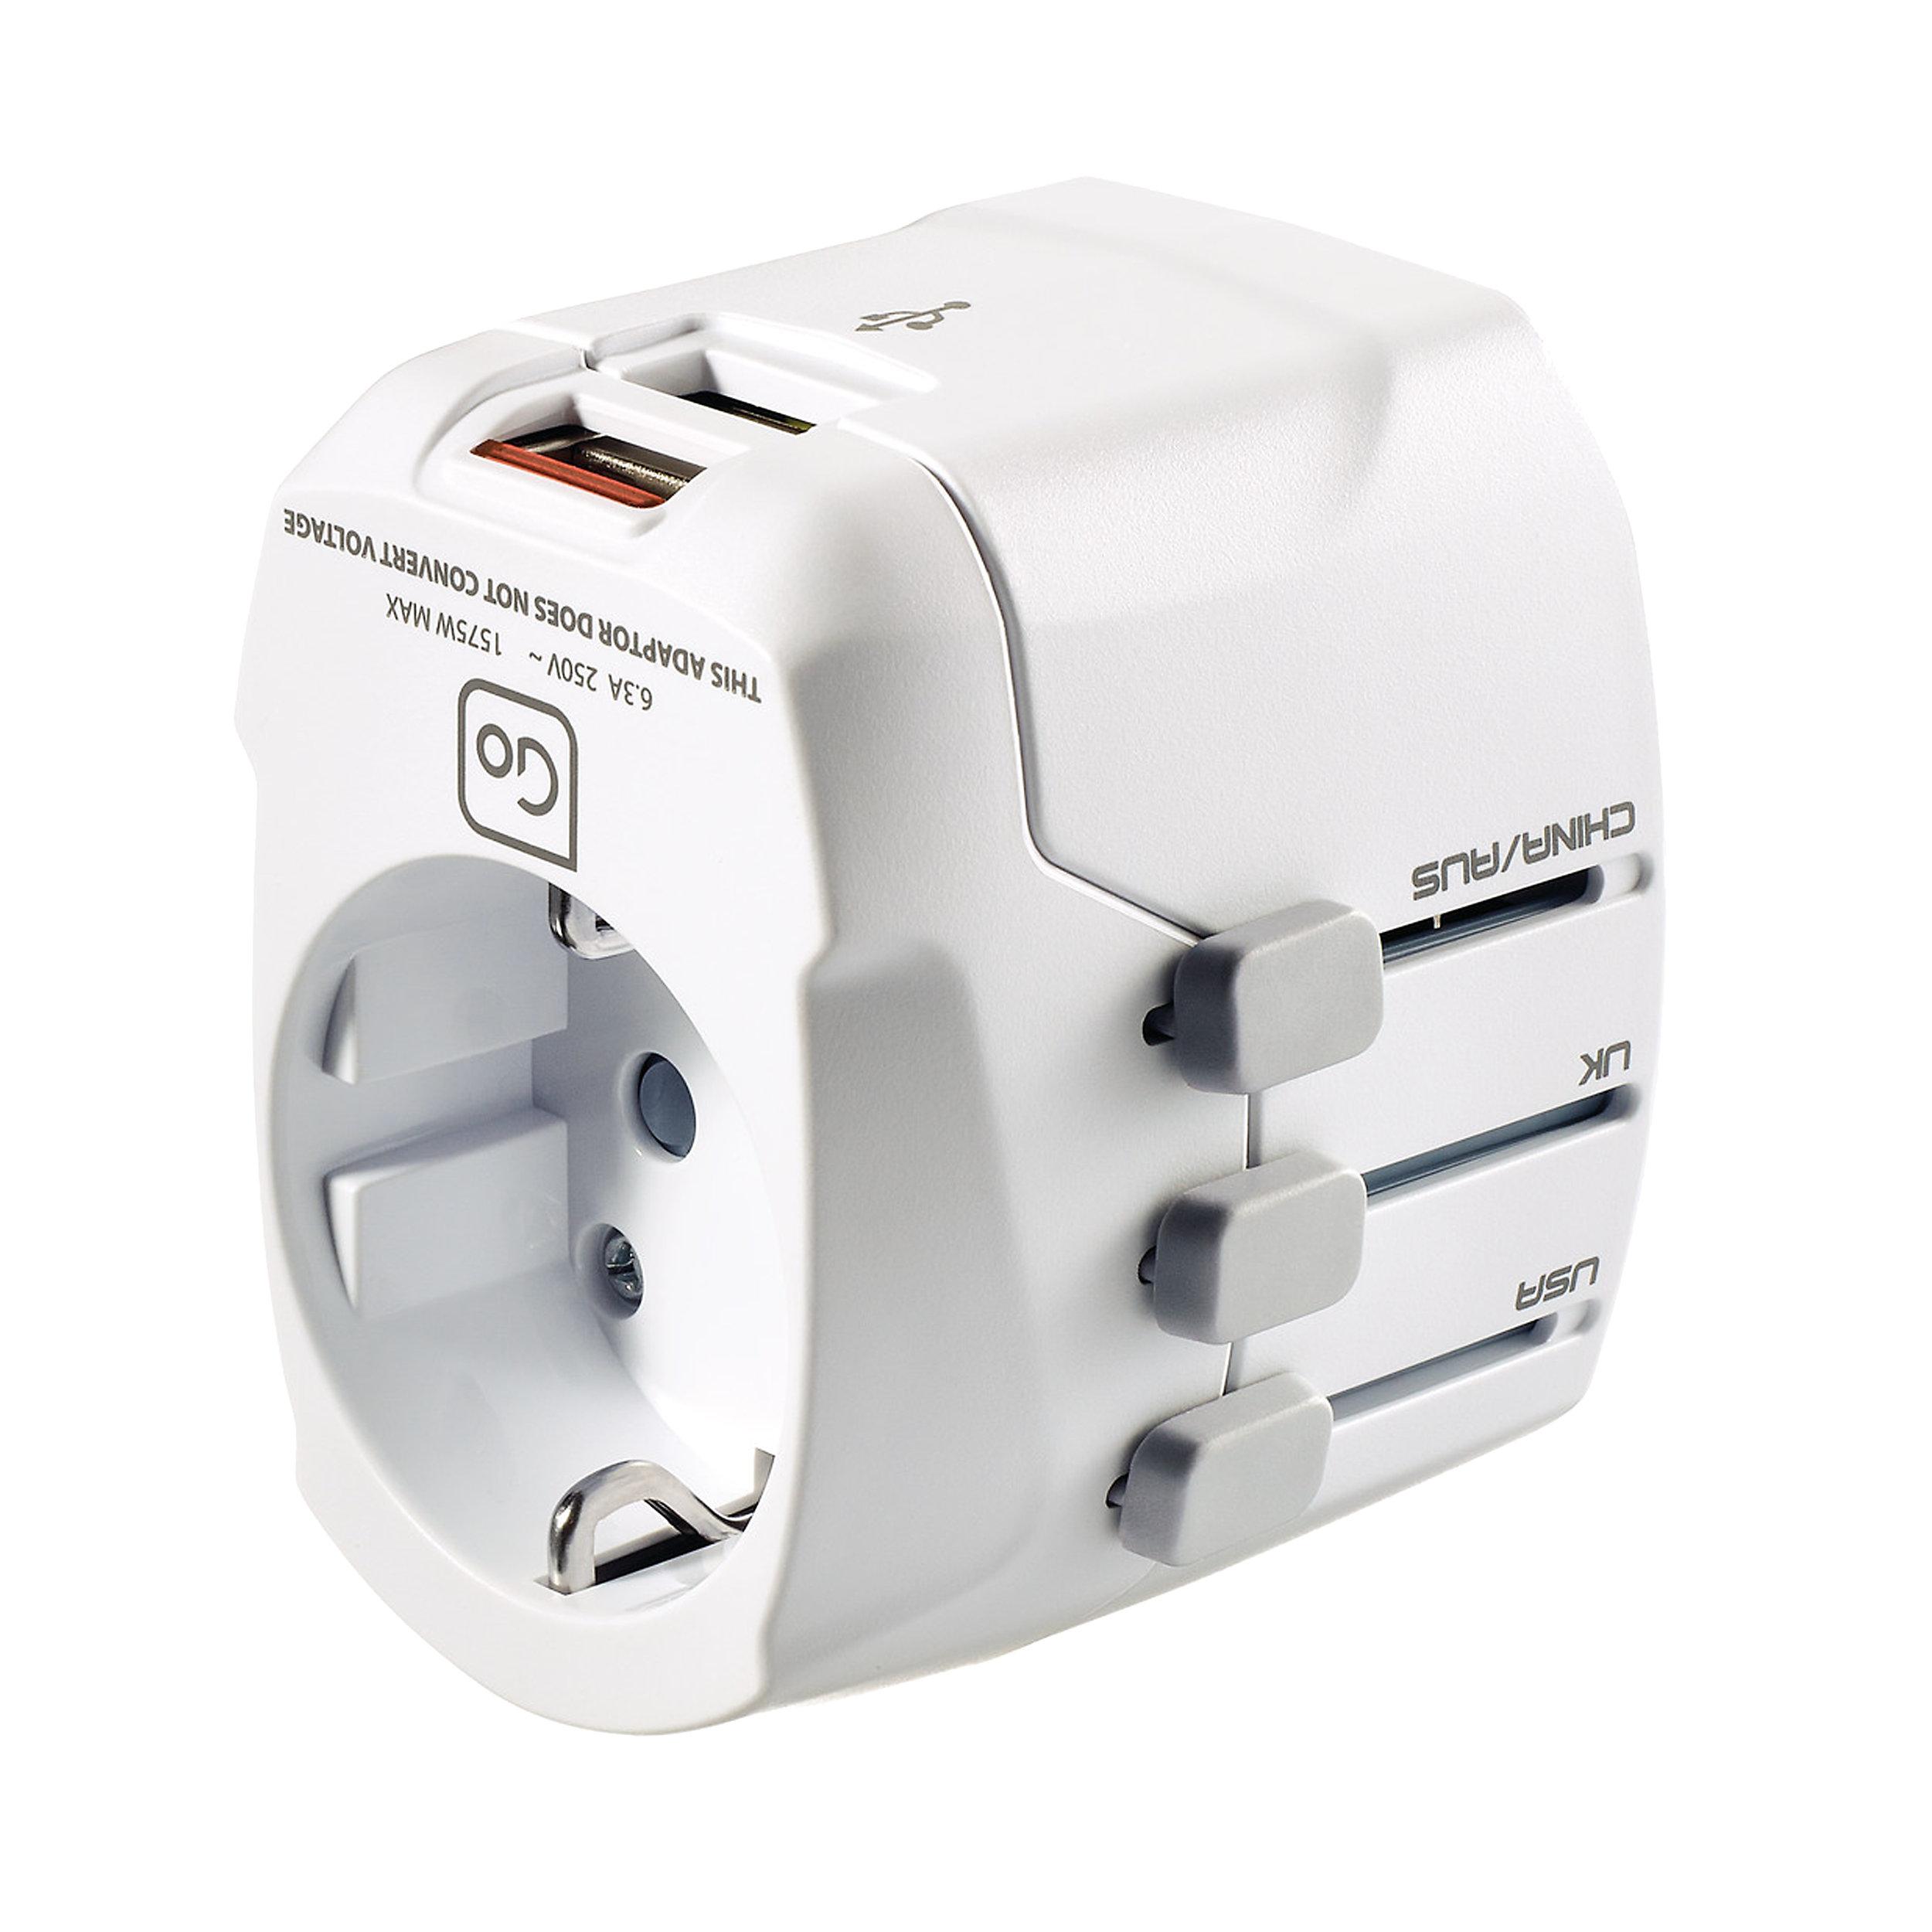 Adapter EU/weltweit + USB